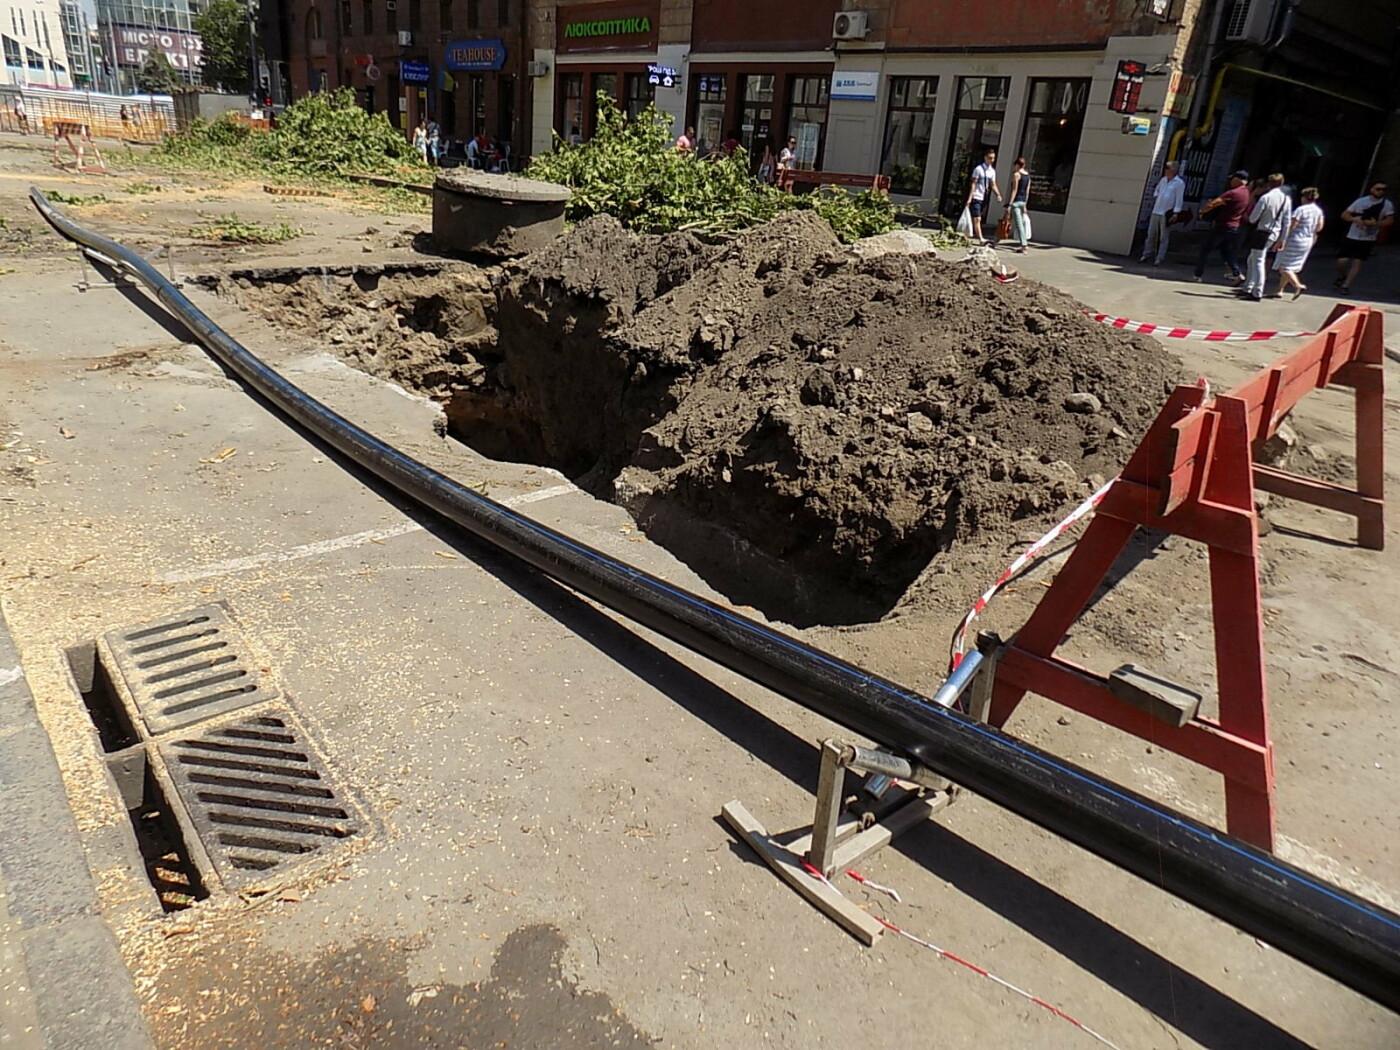 В Днепре провели «похороны» деревьев с Короленко: последние деревья срубили, пока город спал, - ФОТО, фото-5